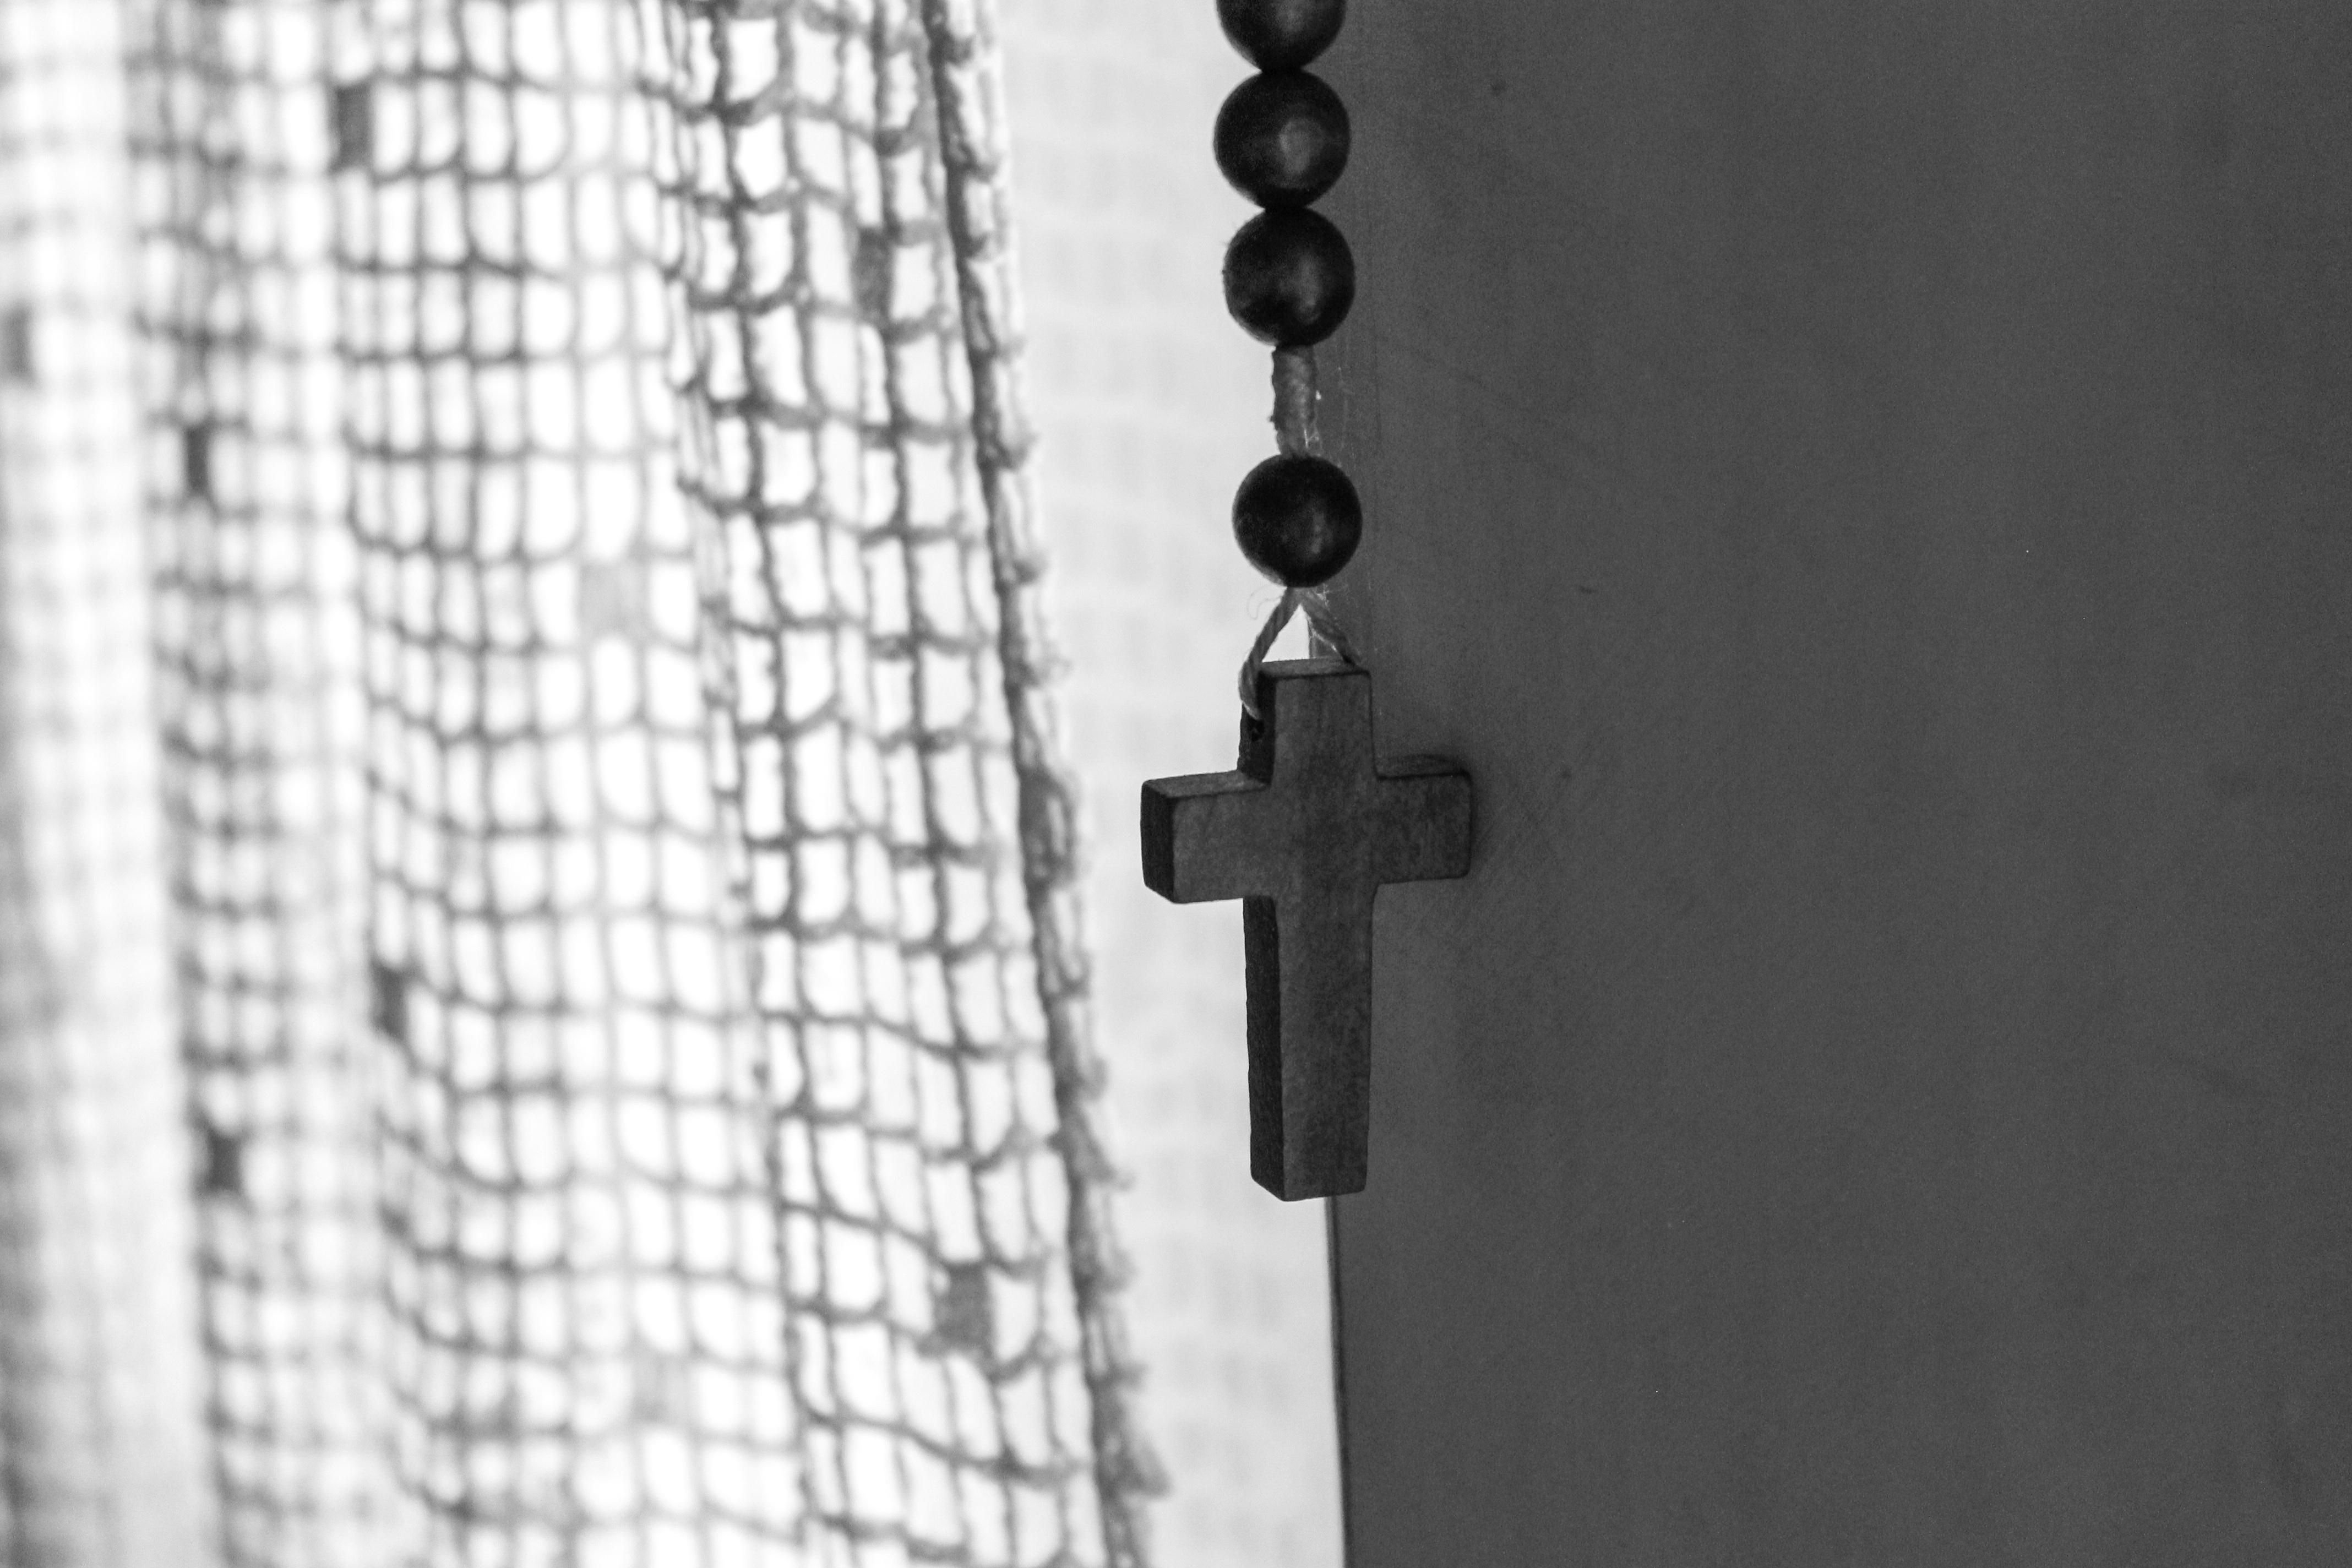 Hình Ảnh : Đen Và Trắng, Tòa Nhà, Mẫu, Hàng, Ký Hiệu, Tôn Giáo, Vượt Qua,  Đơn Sắc, Christian, Sự Gần Gũi, Cầu Nguyện, Góc, Nhiếp Ảnh Đơn Sắc 4272x2848